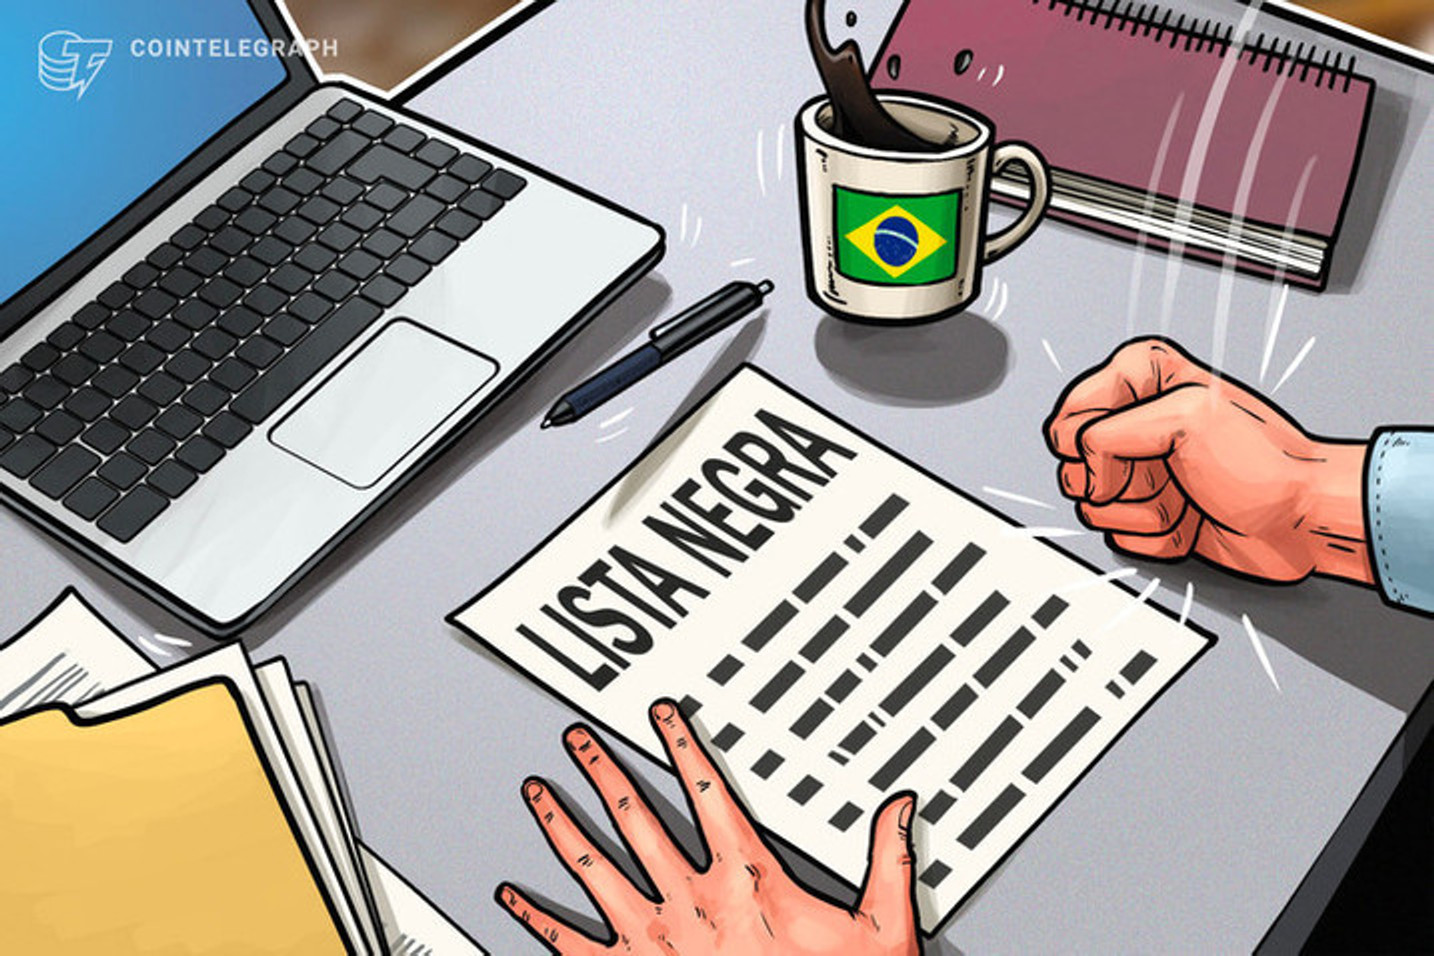 Polícia Federal prende Cláudio Oliveira do GBB e realiza megaoperação contra grupo acusado de desviar mais de R$ 1,5 bilhão em criptomoedas